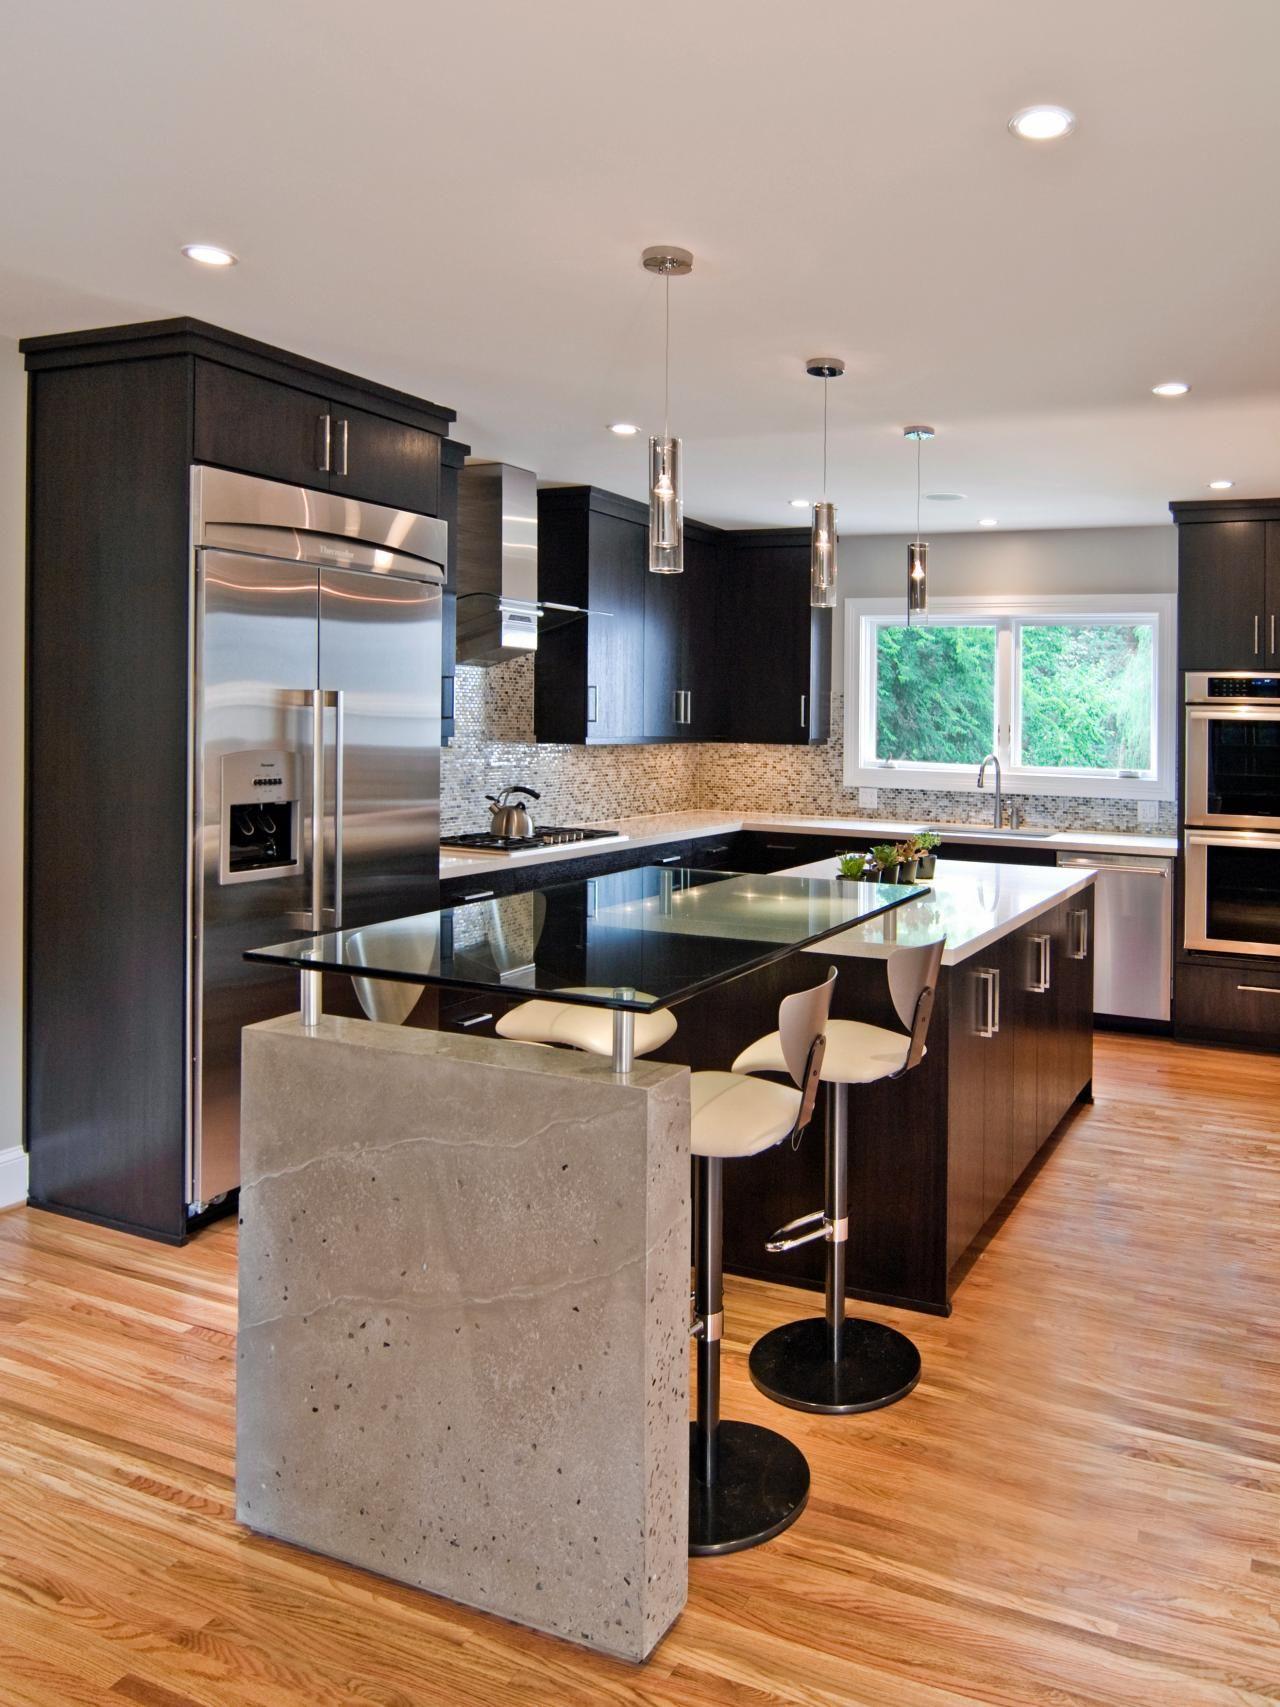 Sleek Contemporary Kitchen | Cocinas, Cocina moderna y Estilos de ...